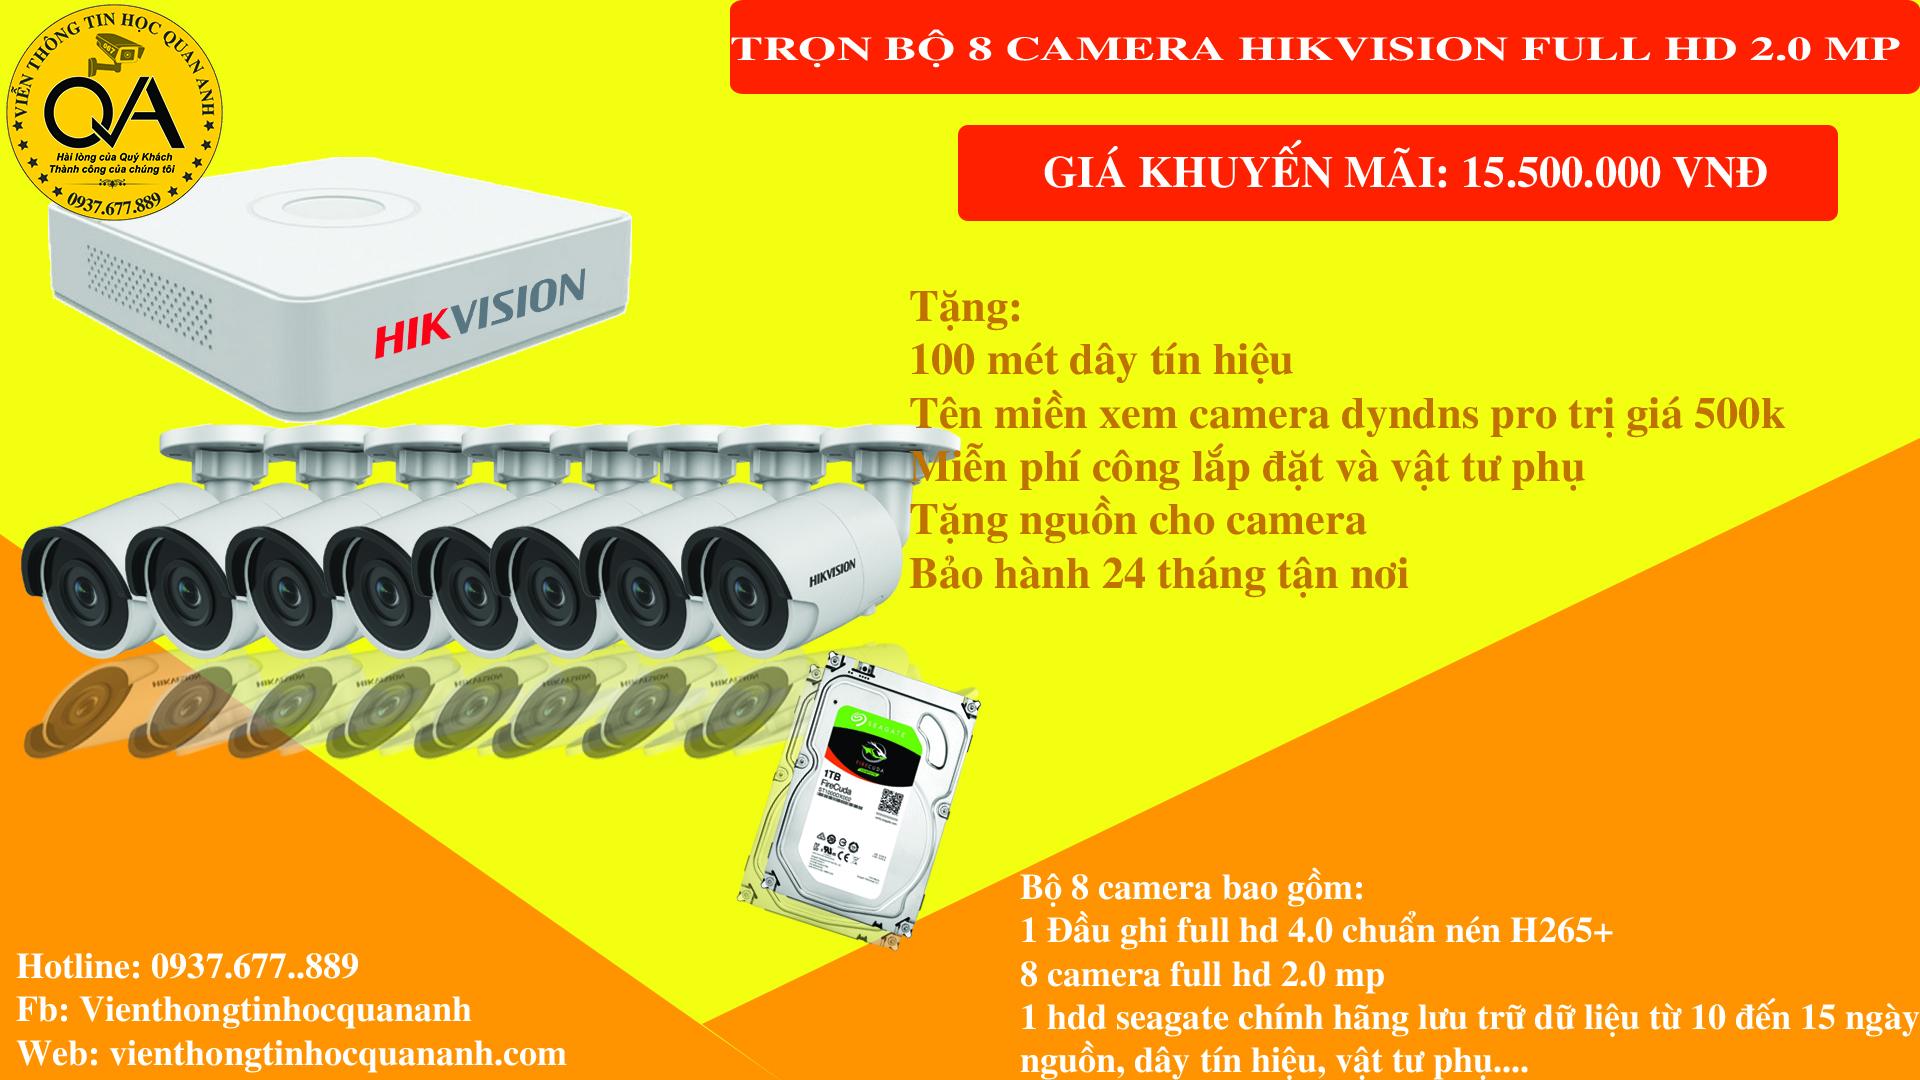 bo 8 camera 2.0